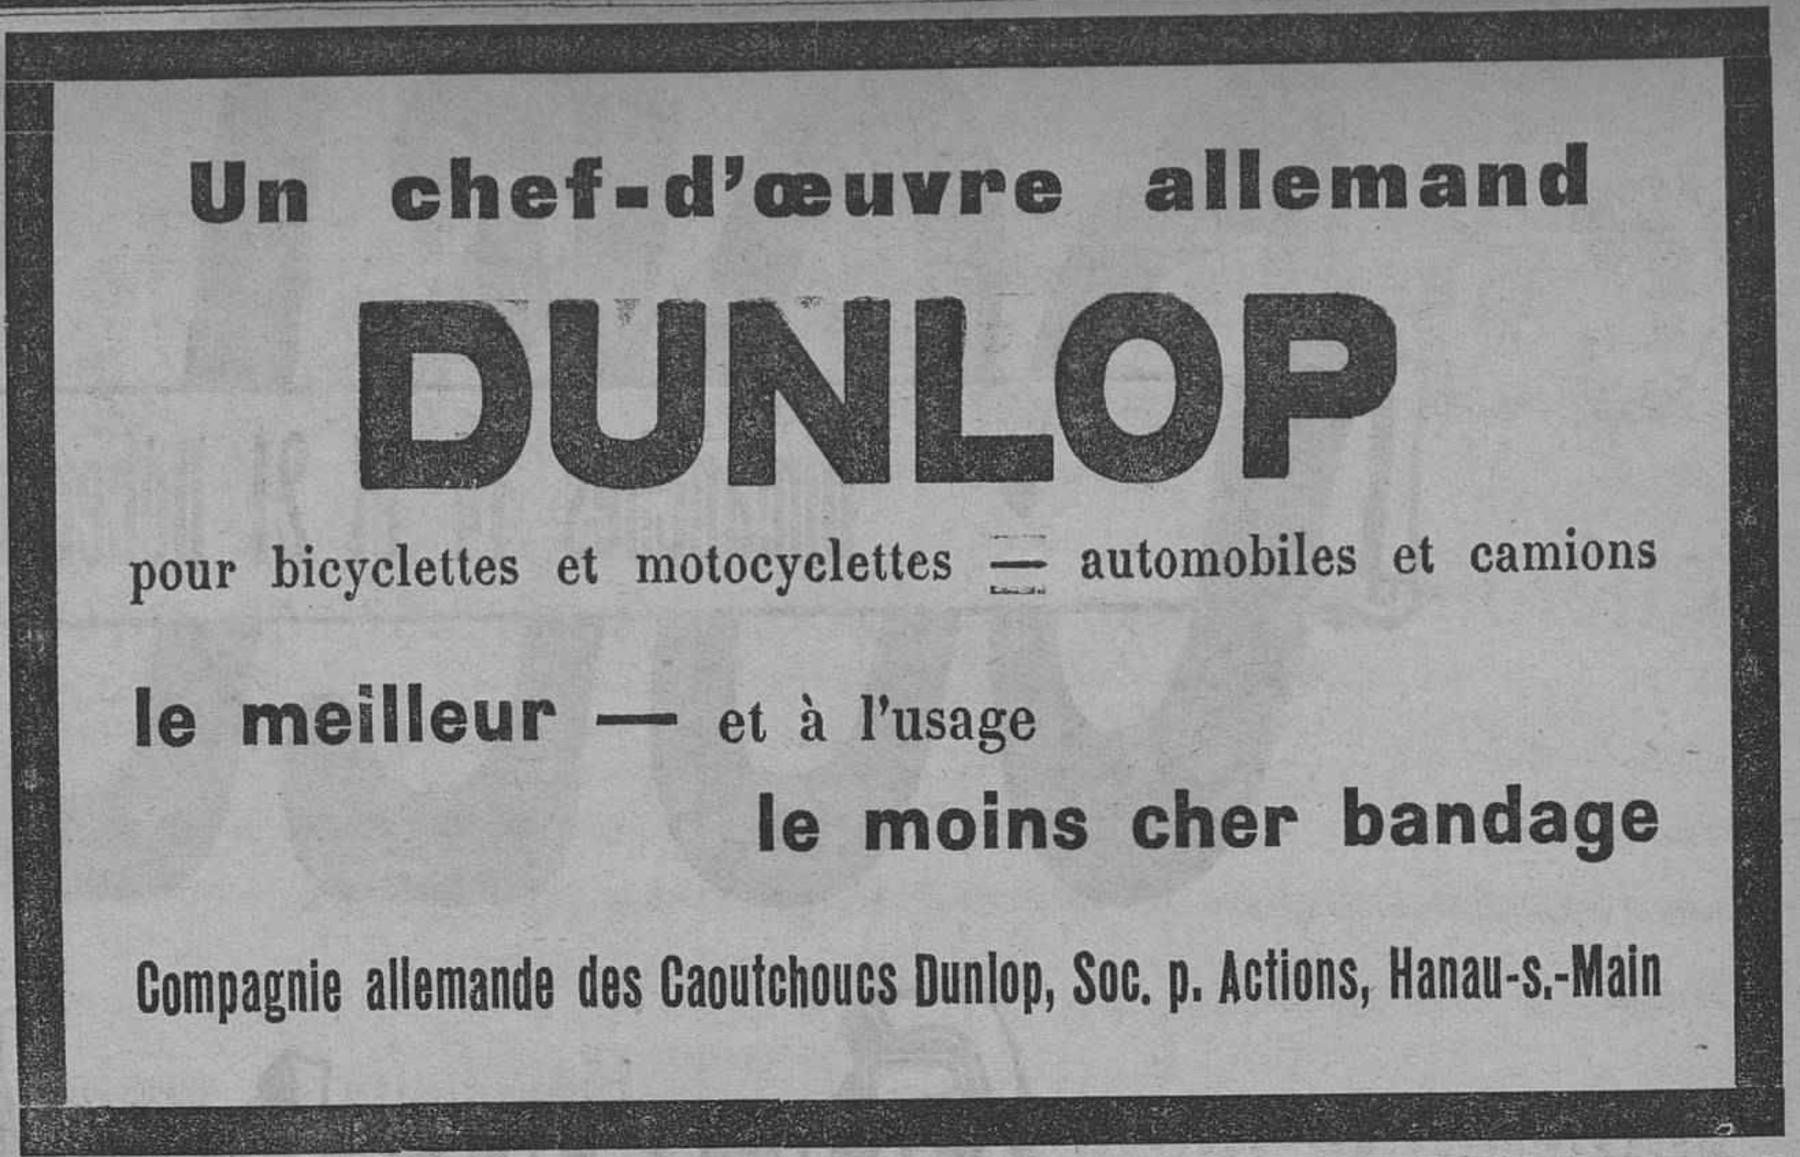 Contenu du Dunlop pour bicyclettes et motocyclettes – automobiles et camions